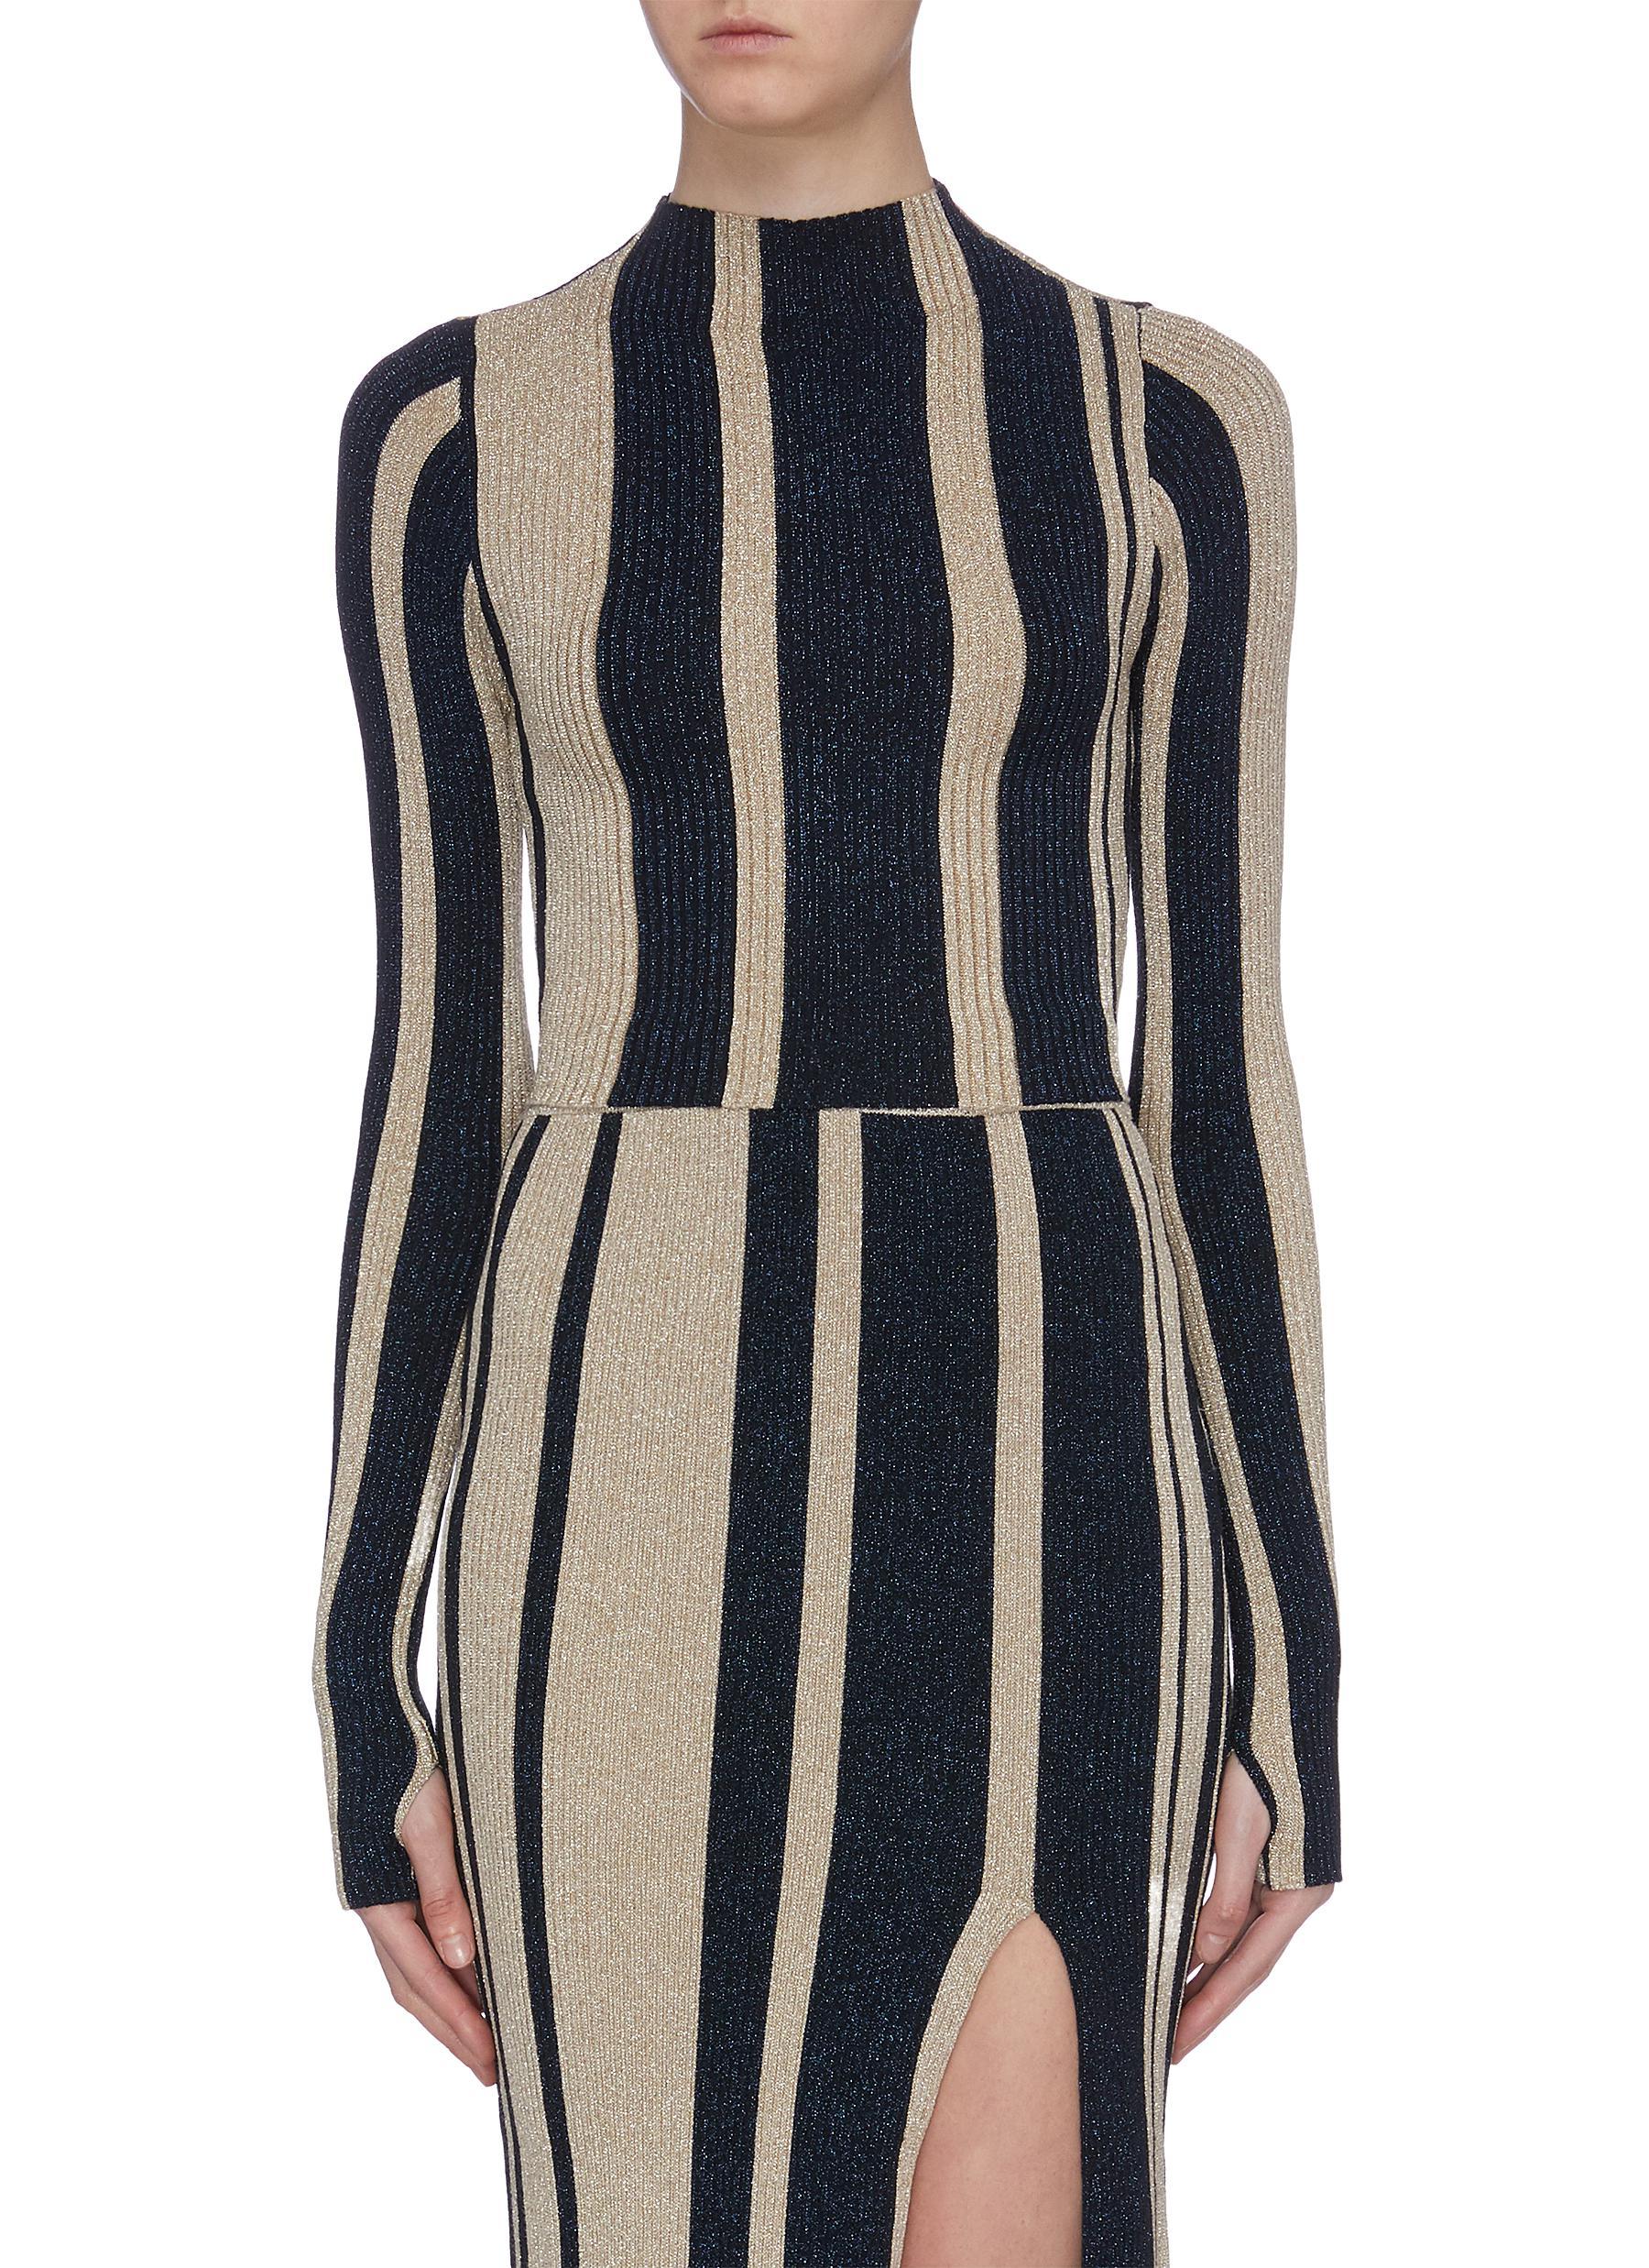 Metallic stripe cropped mock neck sweater by Self-Portrait